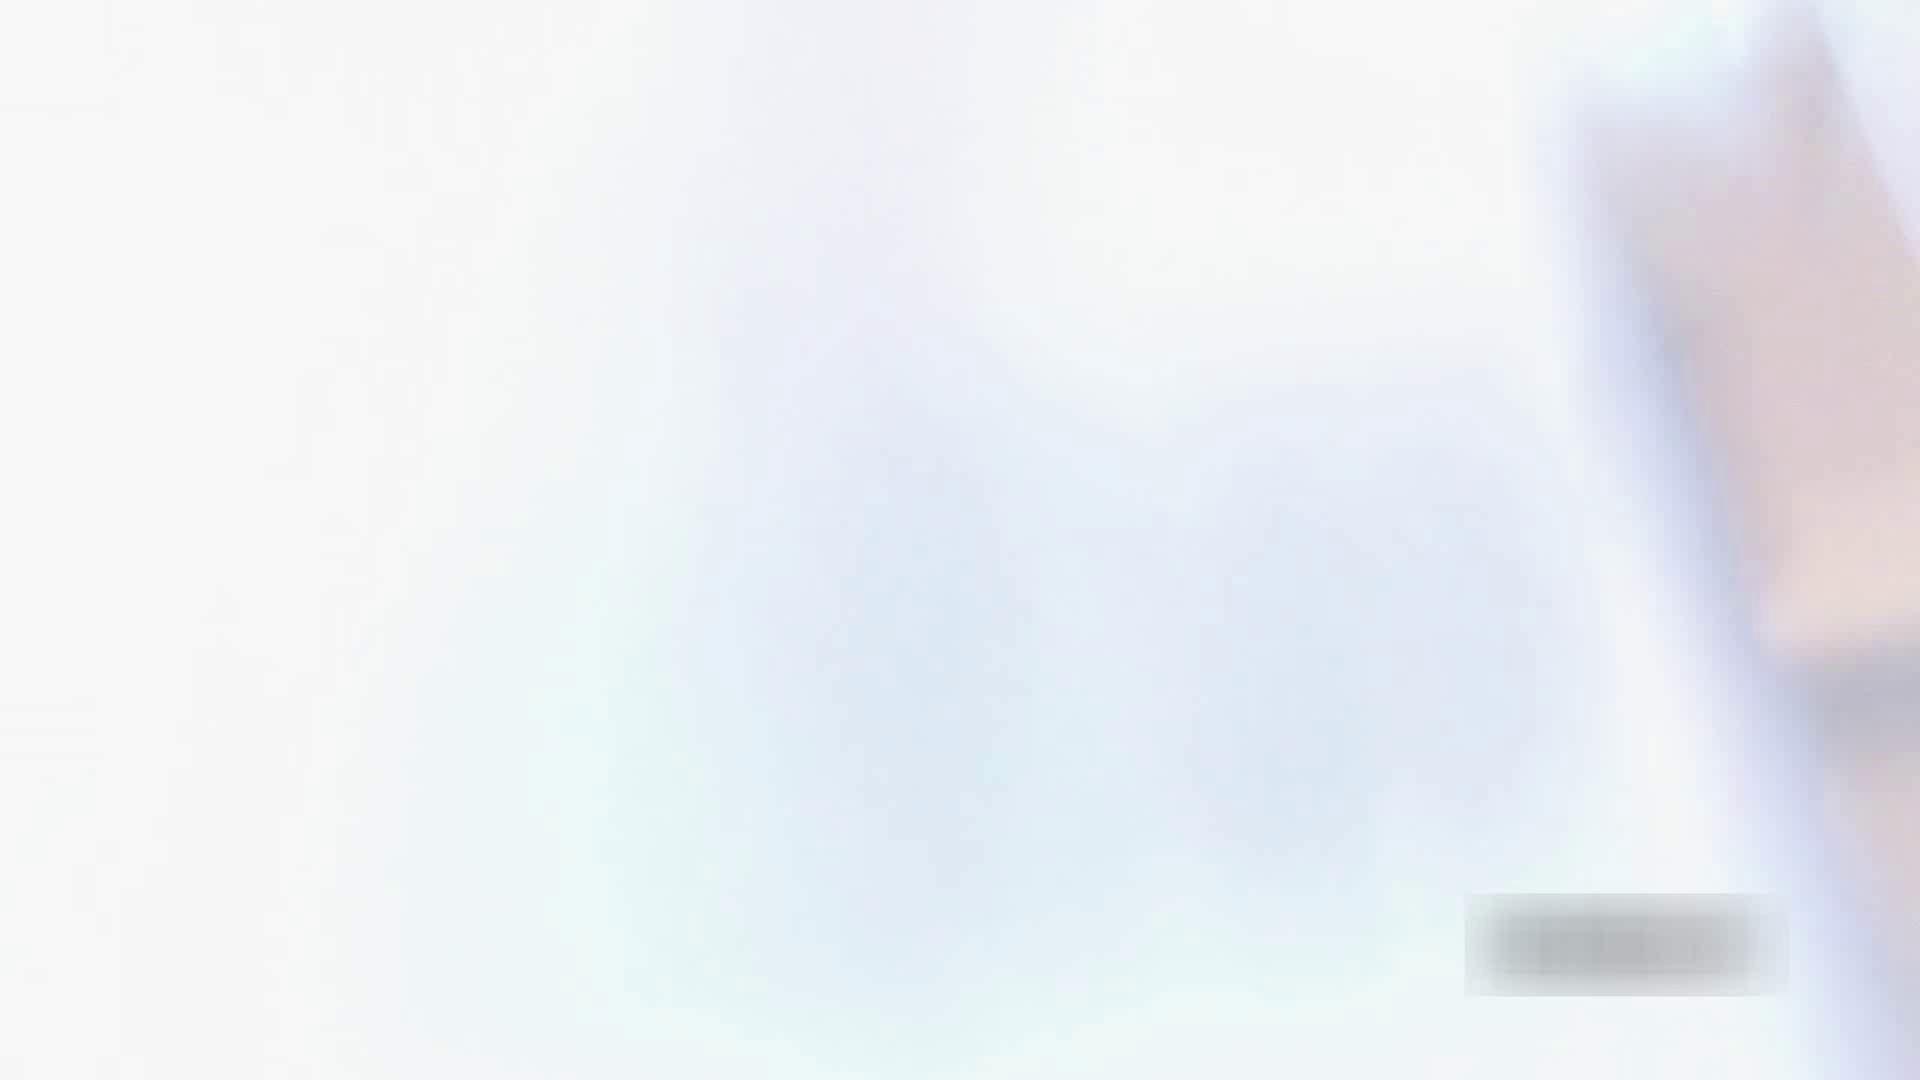 お姉さんの恥便所盗撮! Vol.16 便所  64pic 56